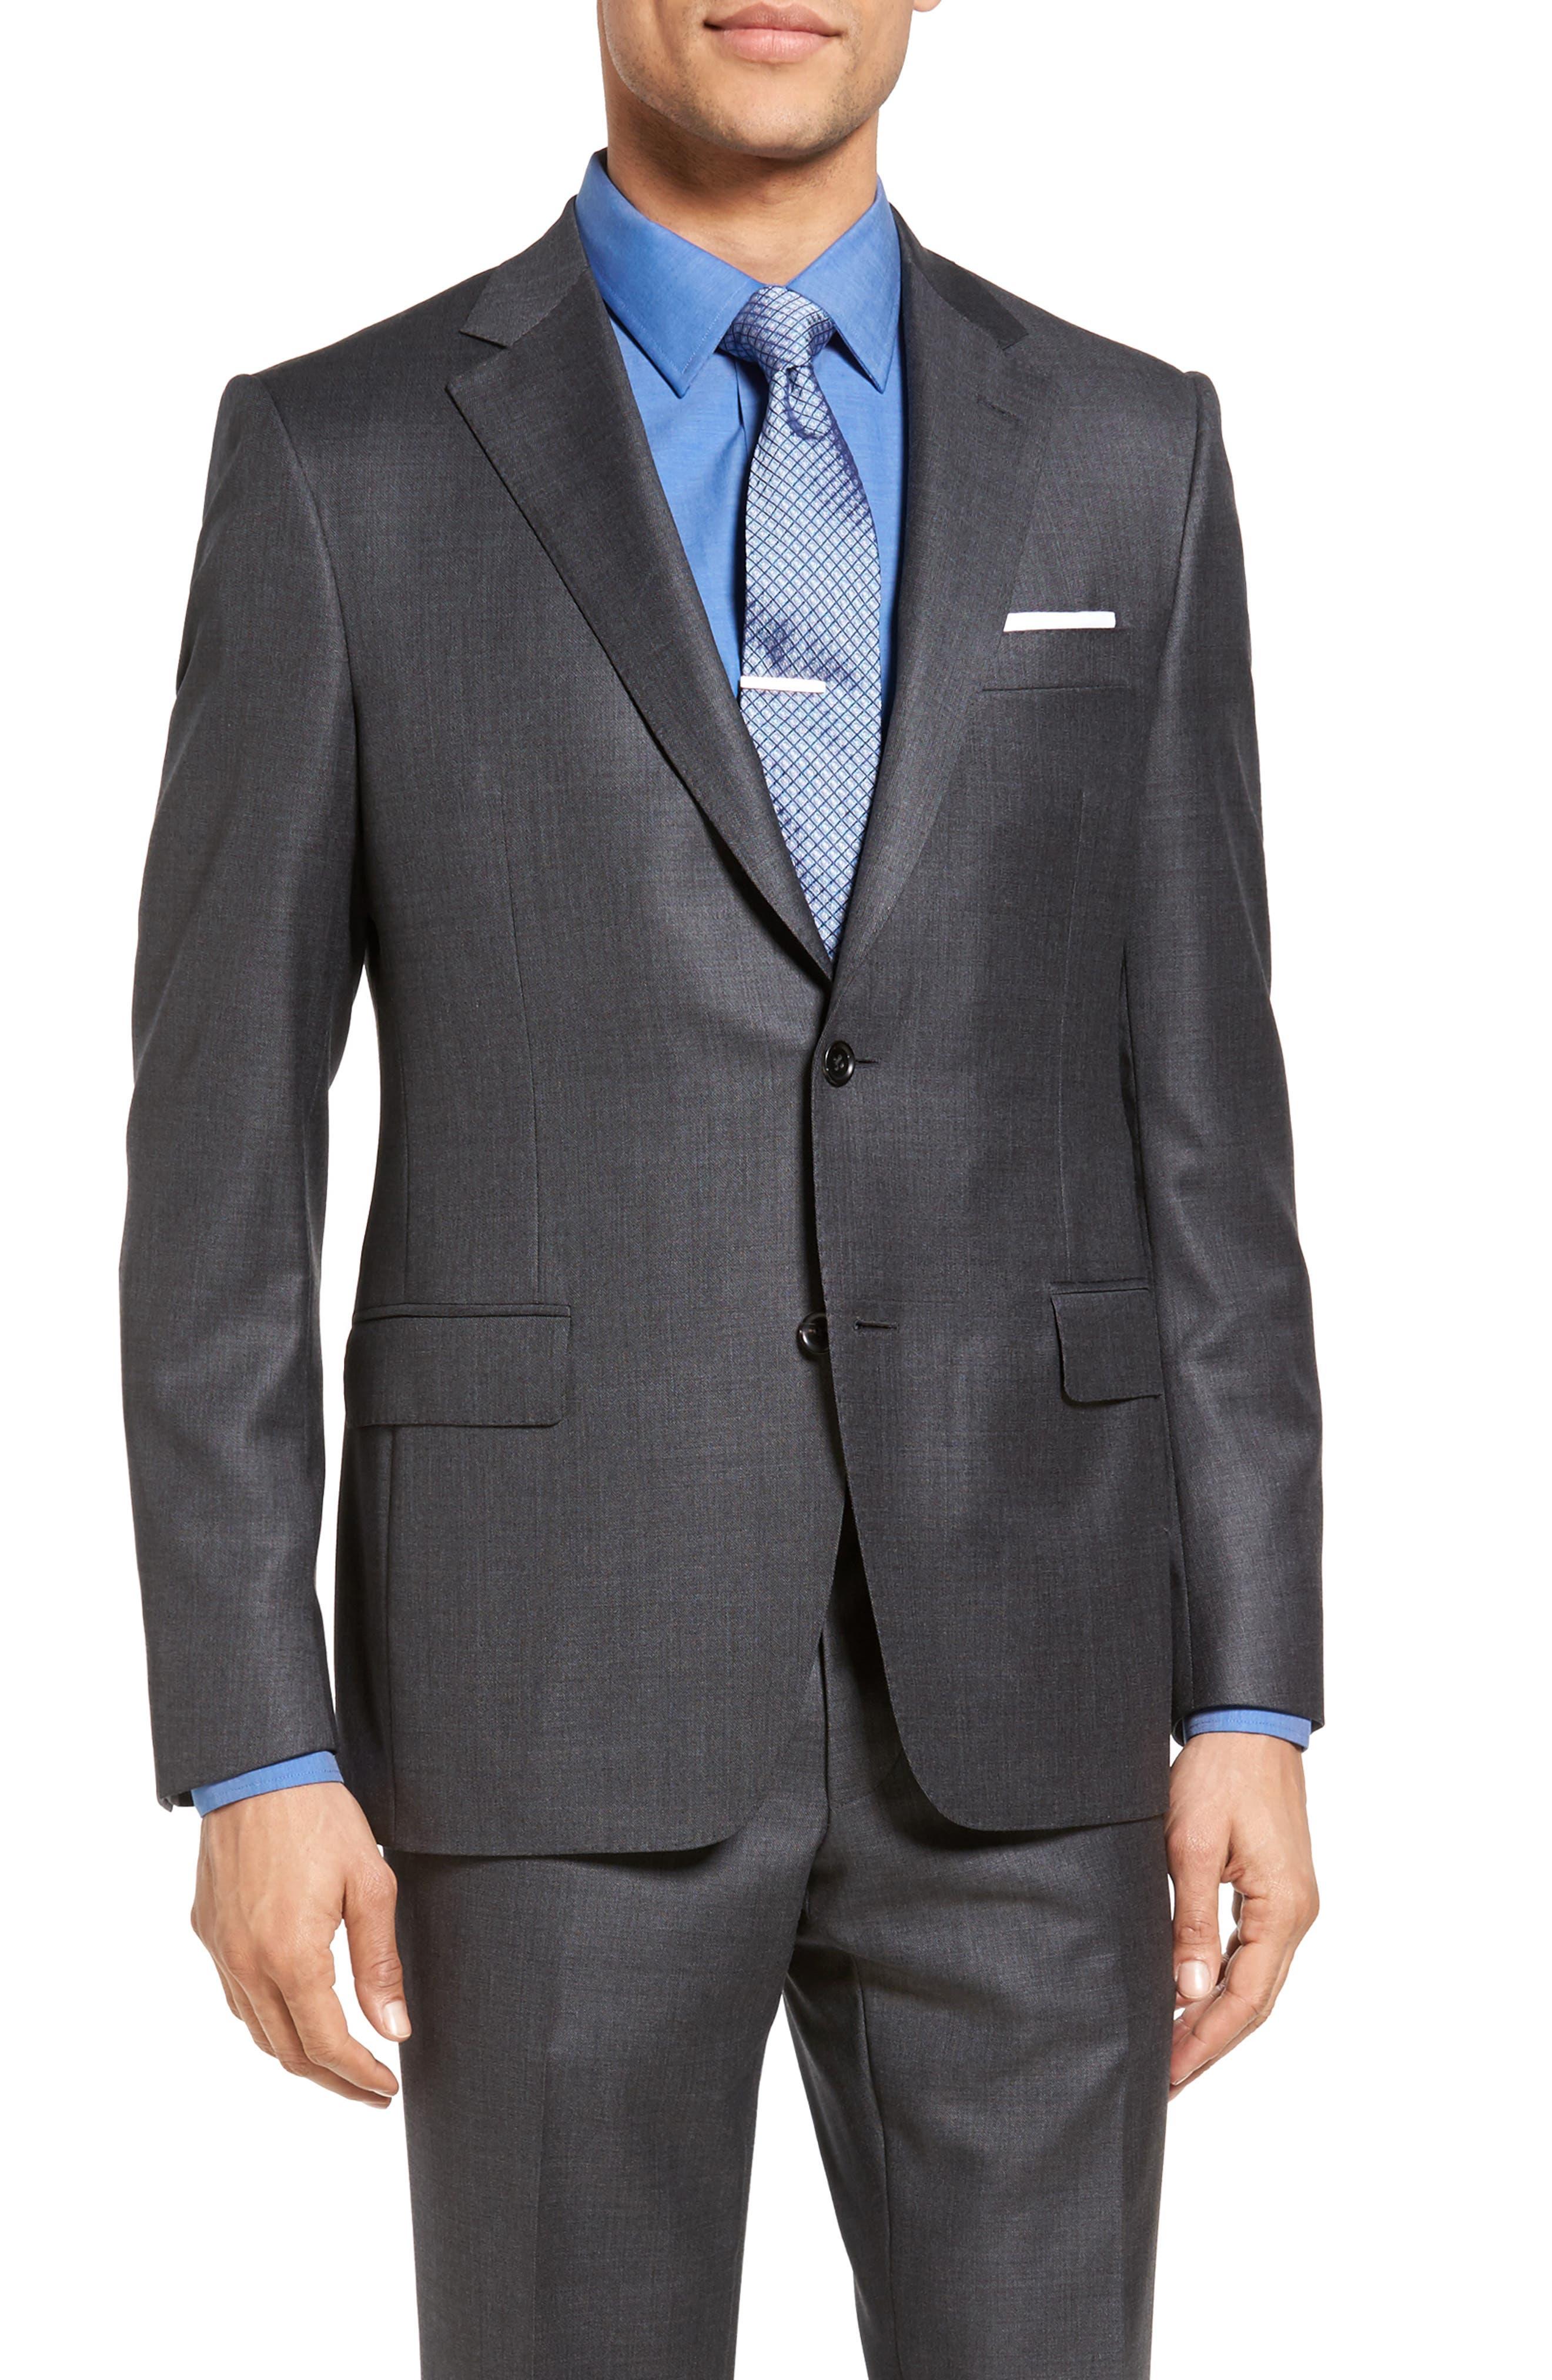 Main Image - Samuelsohn Beckett Classic Fit Sharkskin Wool Suit